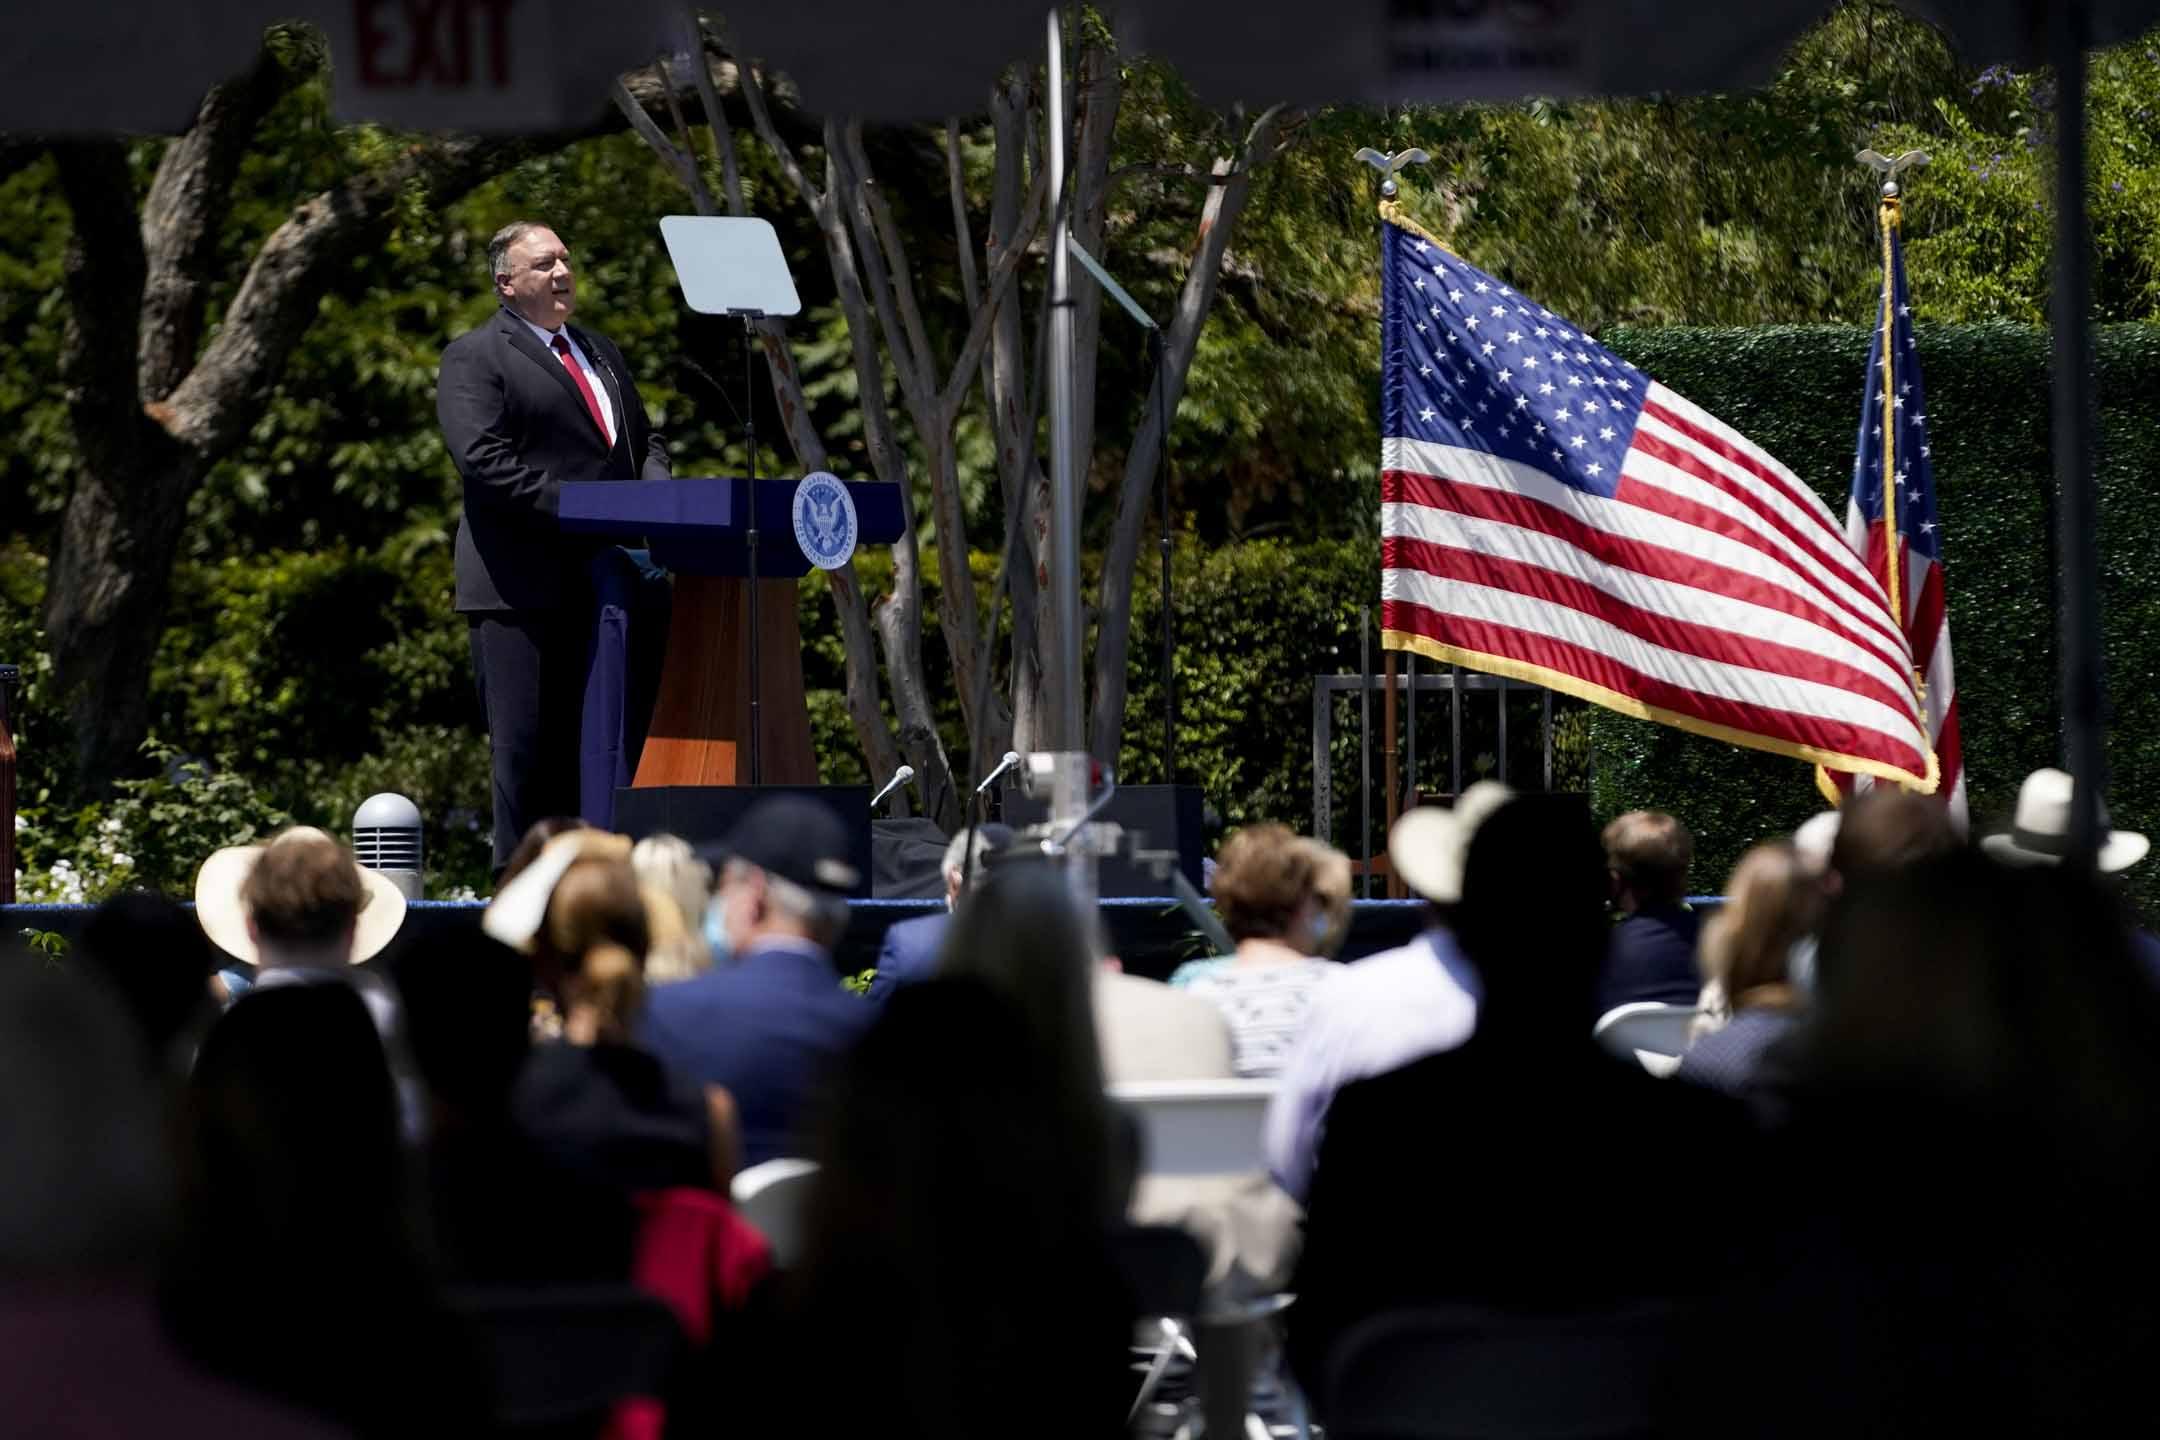 2020年7月23日,美國國務卿蓬佩奧在加州尼克松紀念圖書館外,發表題為《共產中國與自由世界的未來》的演講 。  攝:Ashley Landis, Pool/AP/達志影像